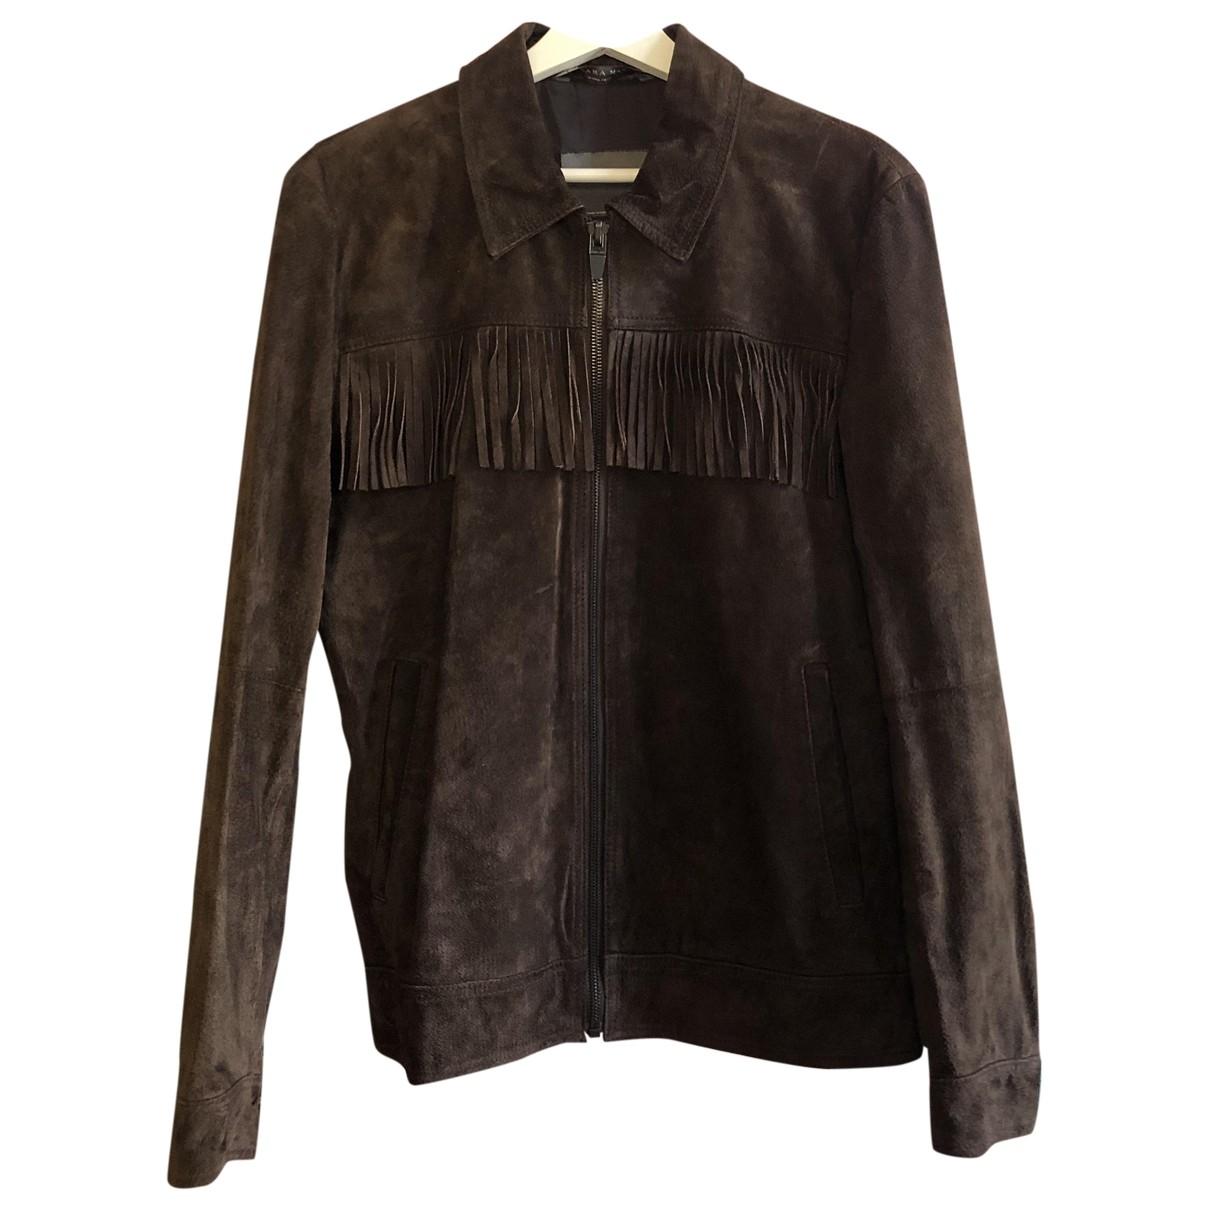 Zara - Vestes.Blousons   pour homme en cuir - marron